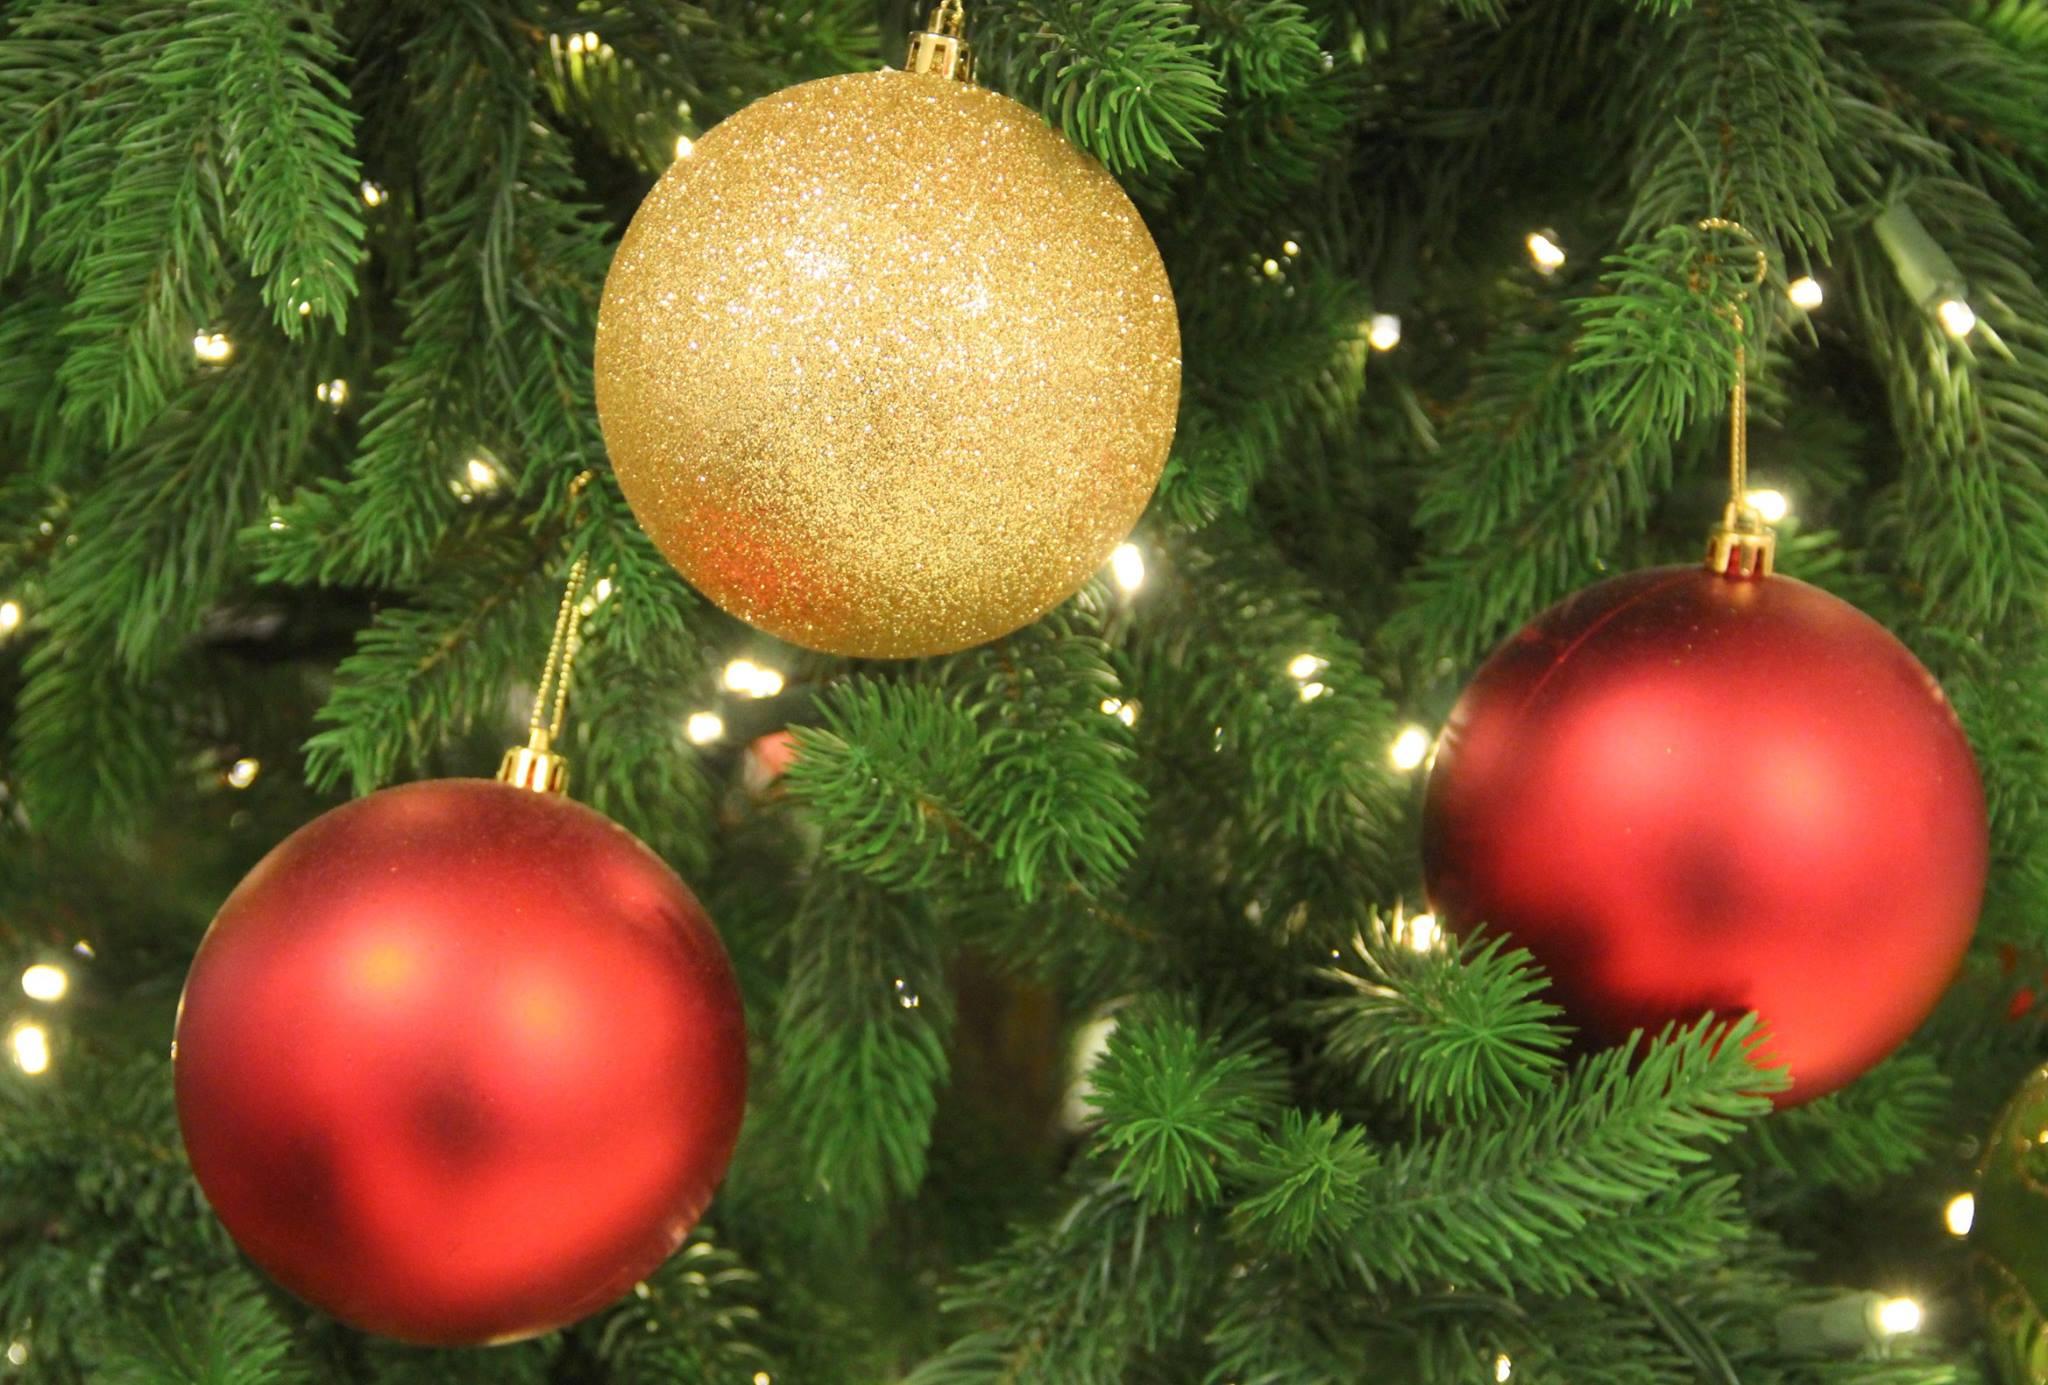 Das Solingenmagazin Wunscht Ein Frohes Weihnachtsfest Das